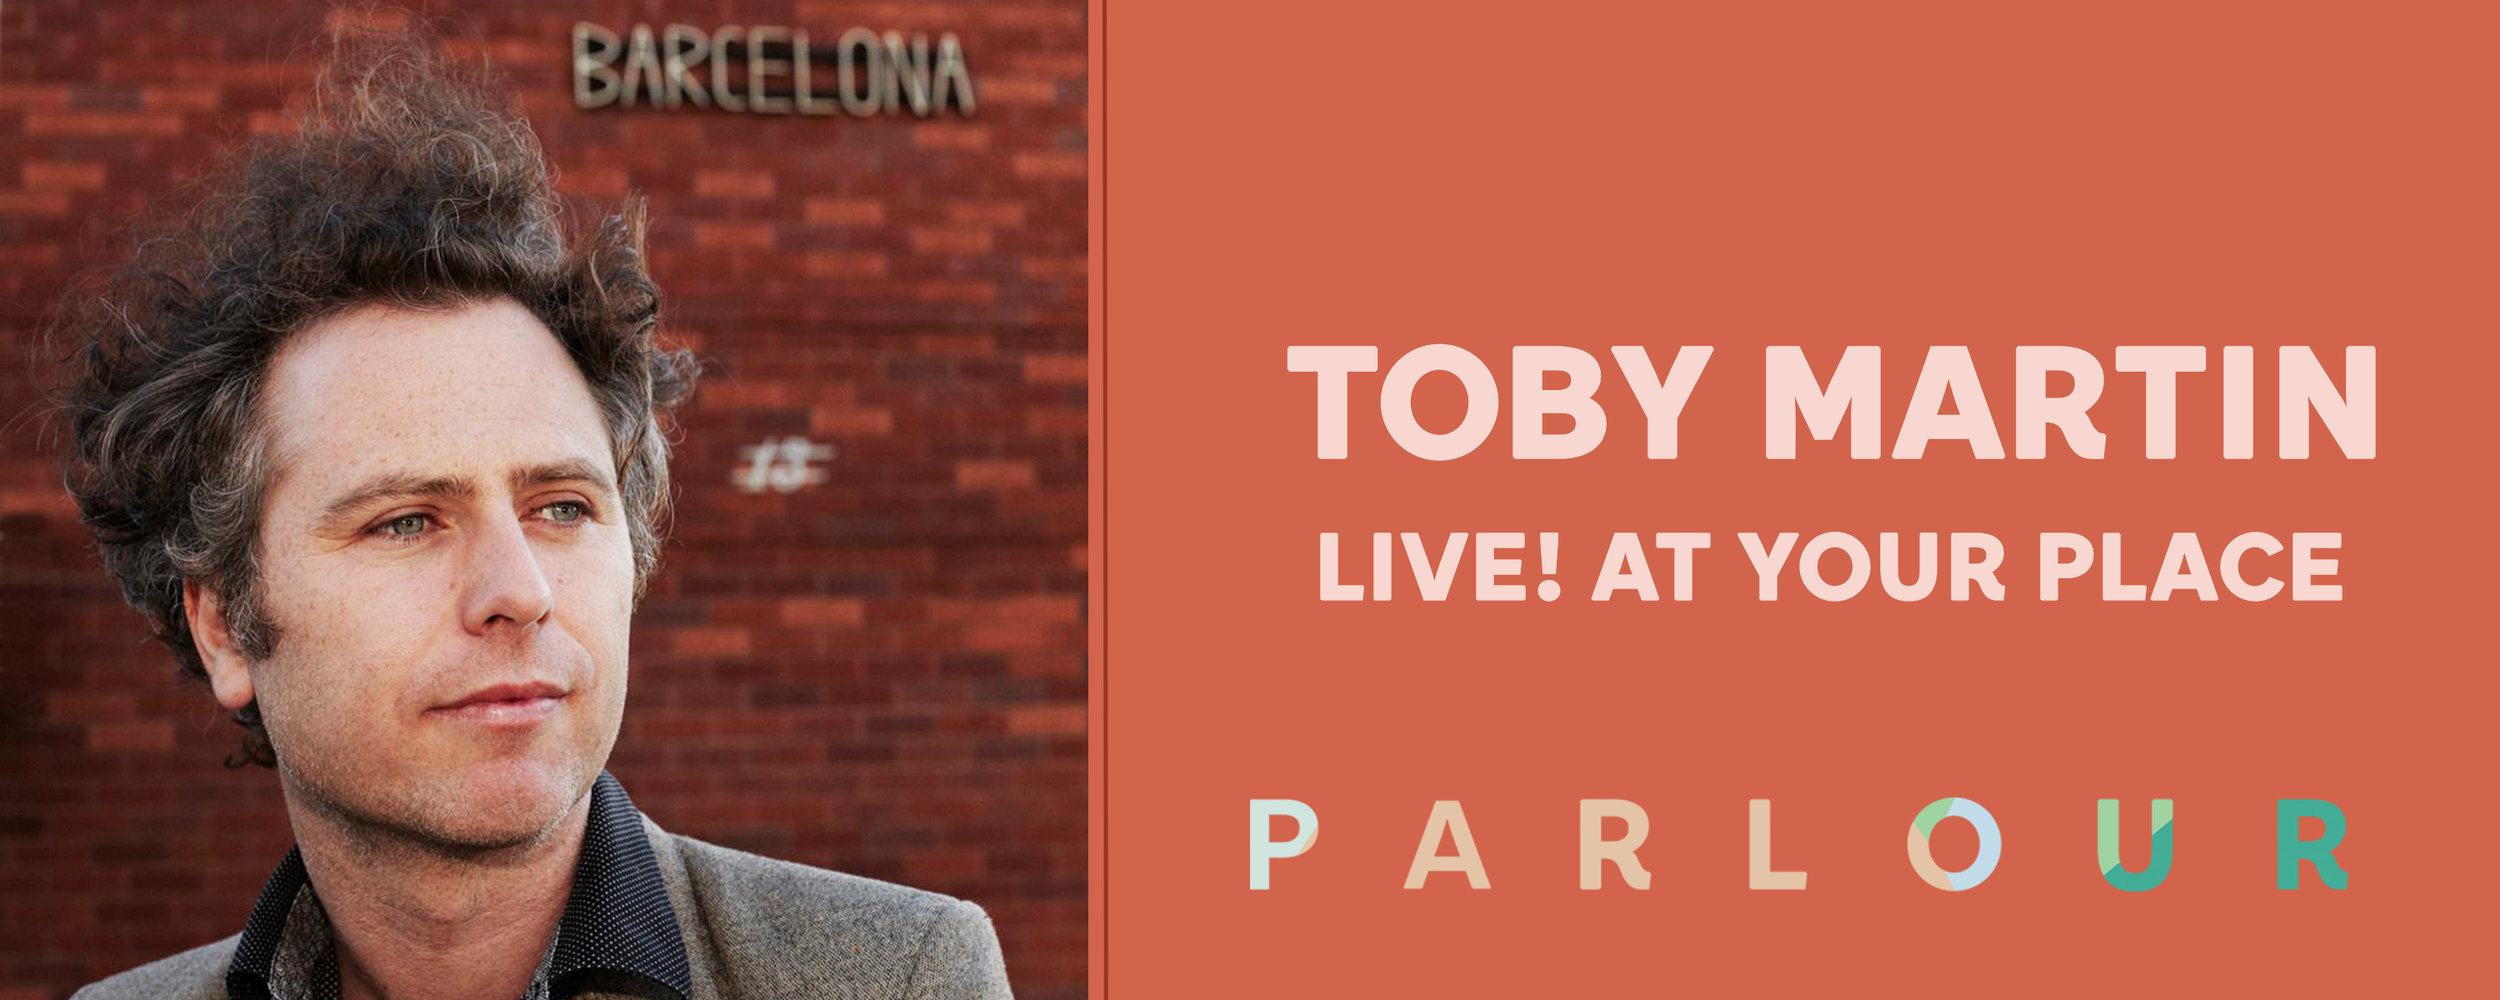 Toby Martin Banner.jpg